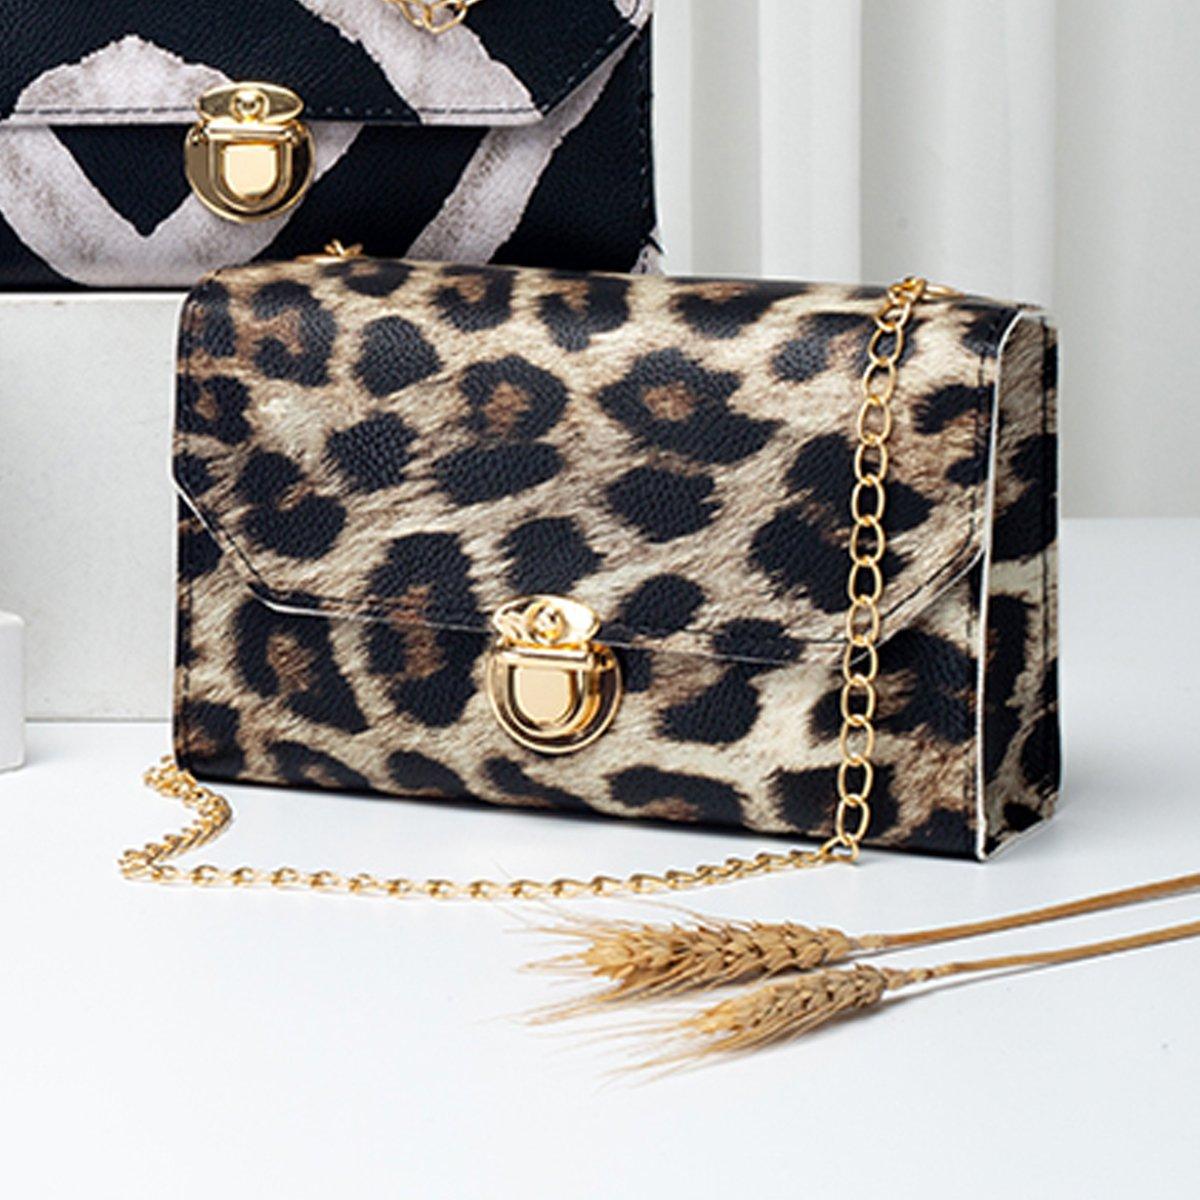 Leopard Gold Chain PU CrossBody Messenger Bag